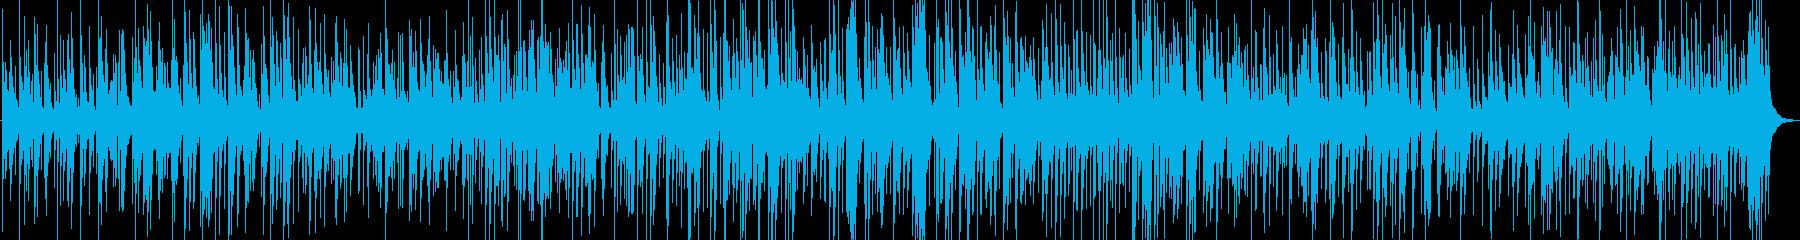 落ち着いたジャズピアノトリオバラードの再生済みの波形